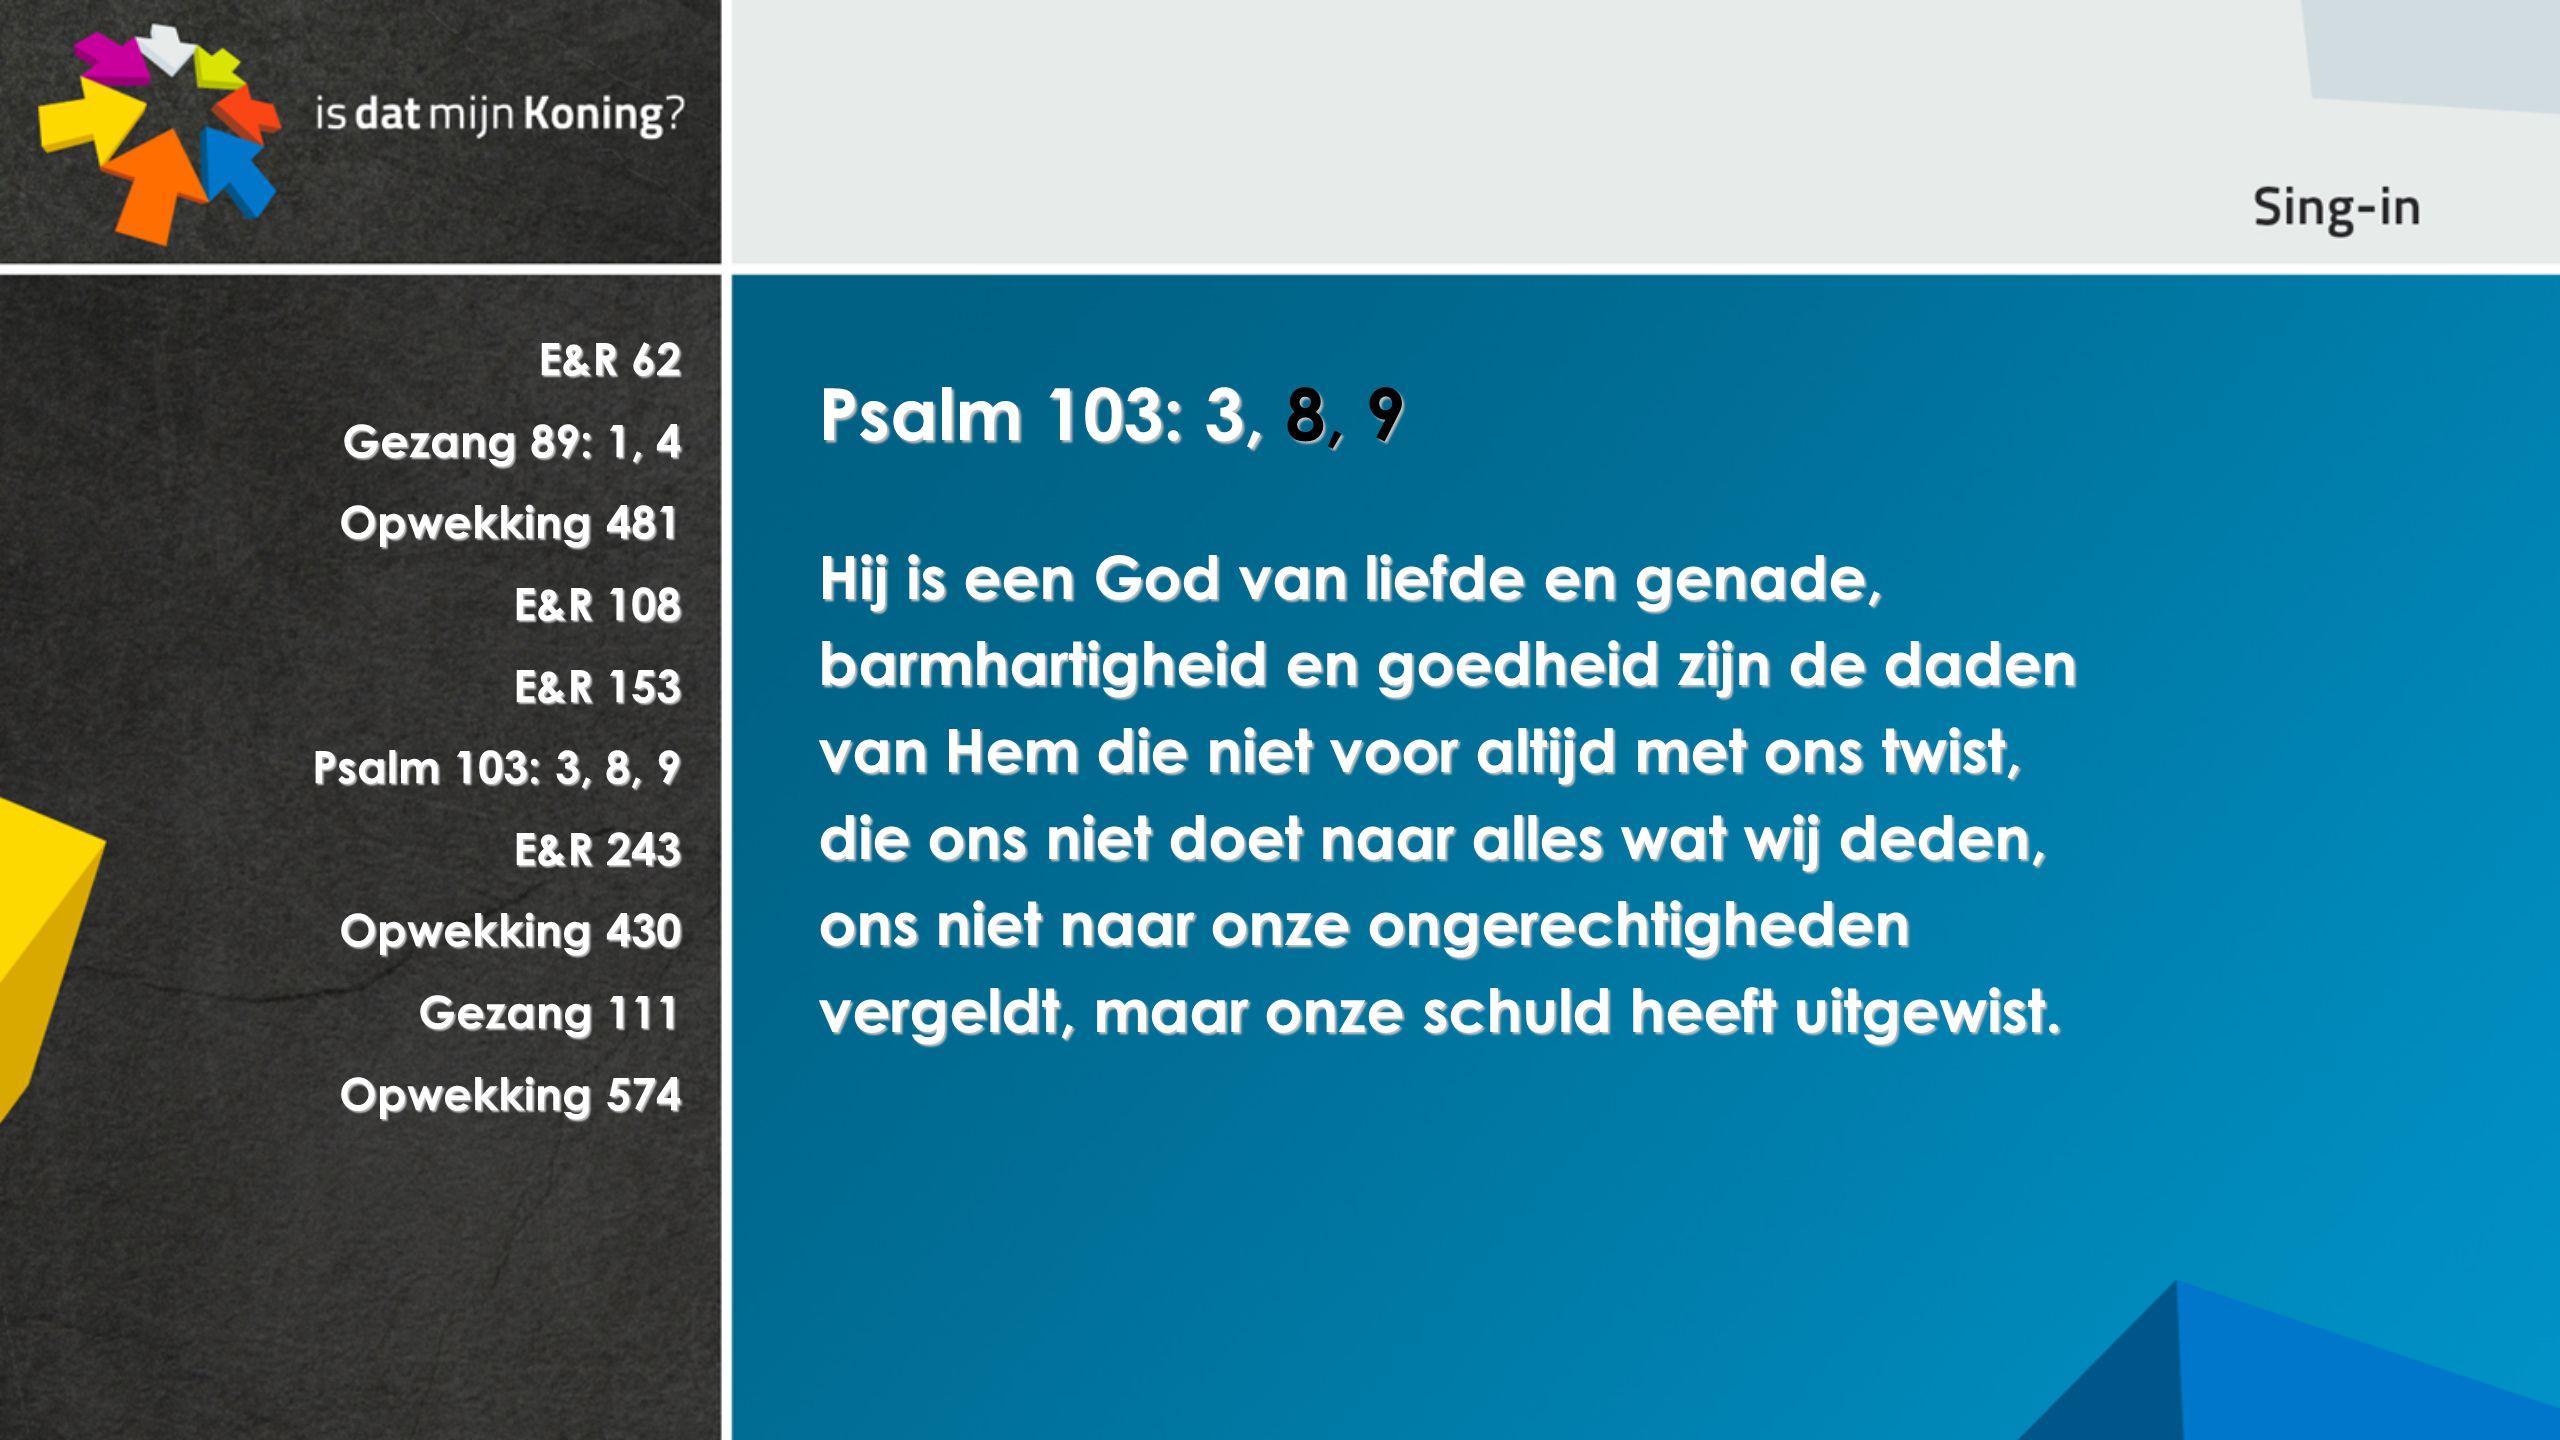 Psalm 103: 3, 8, 9 Hij is een God van liefde en genade,